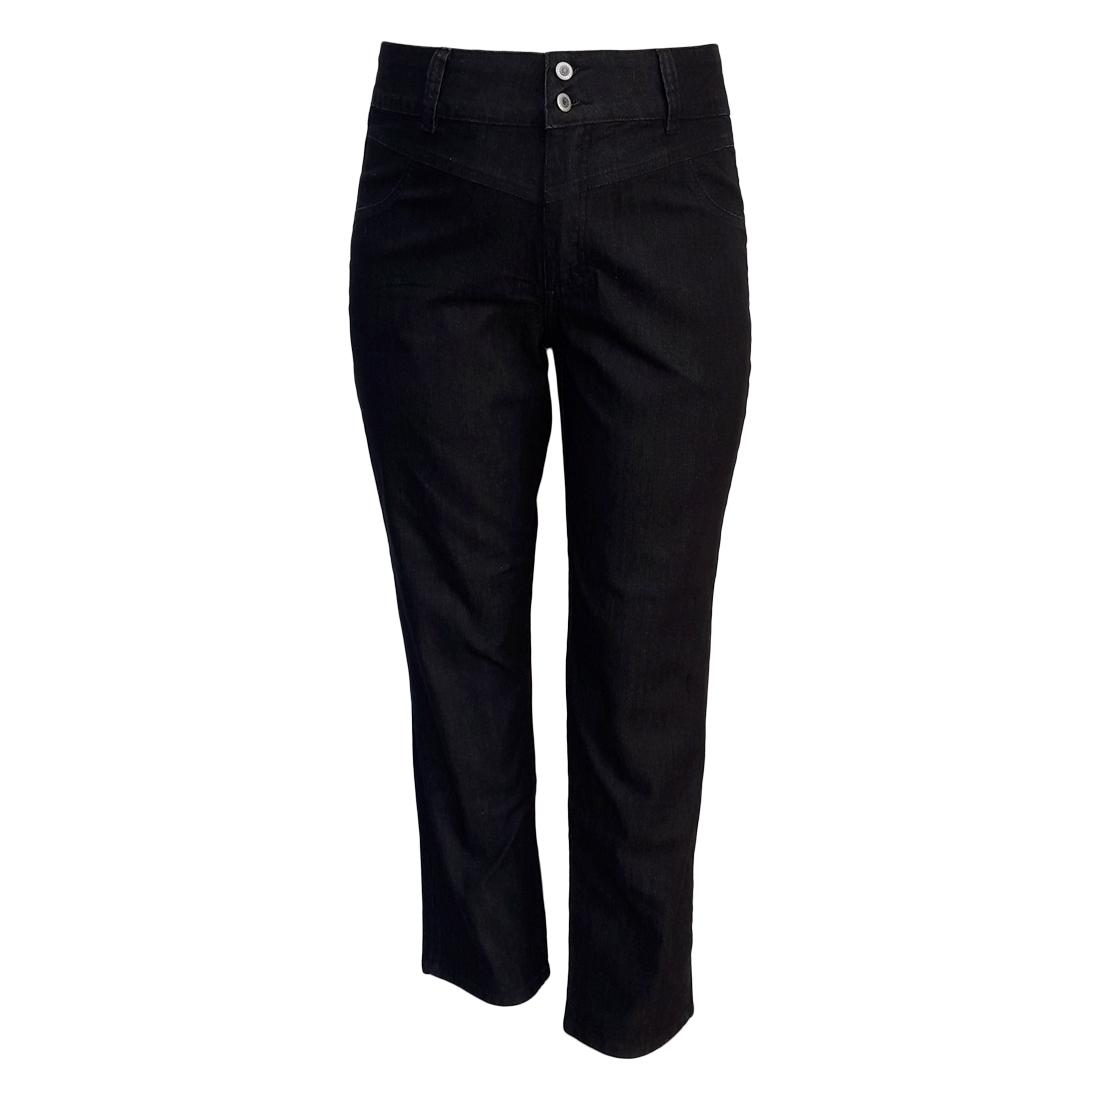 Calça Jeans Feminina Cintura Alta Ref 91 Plus Size